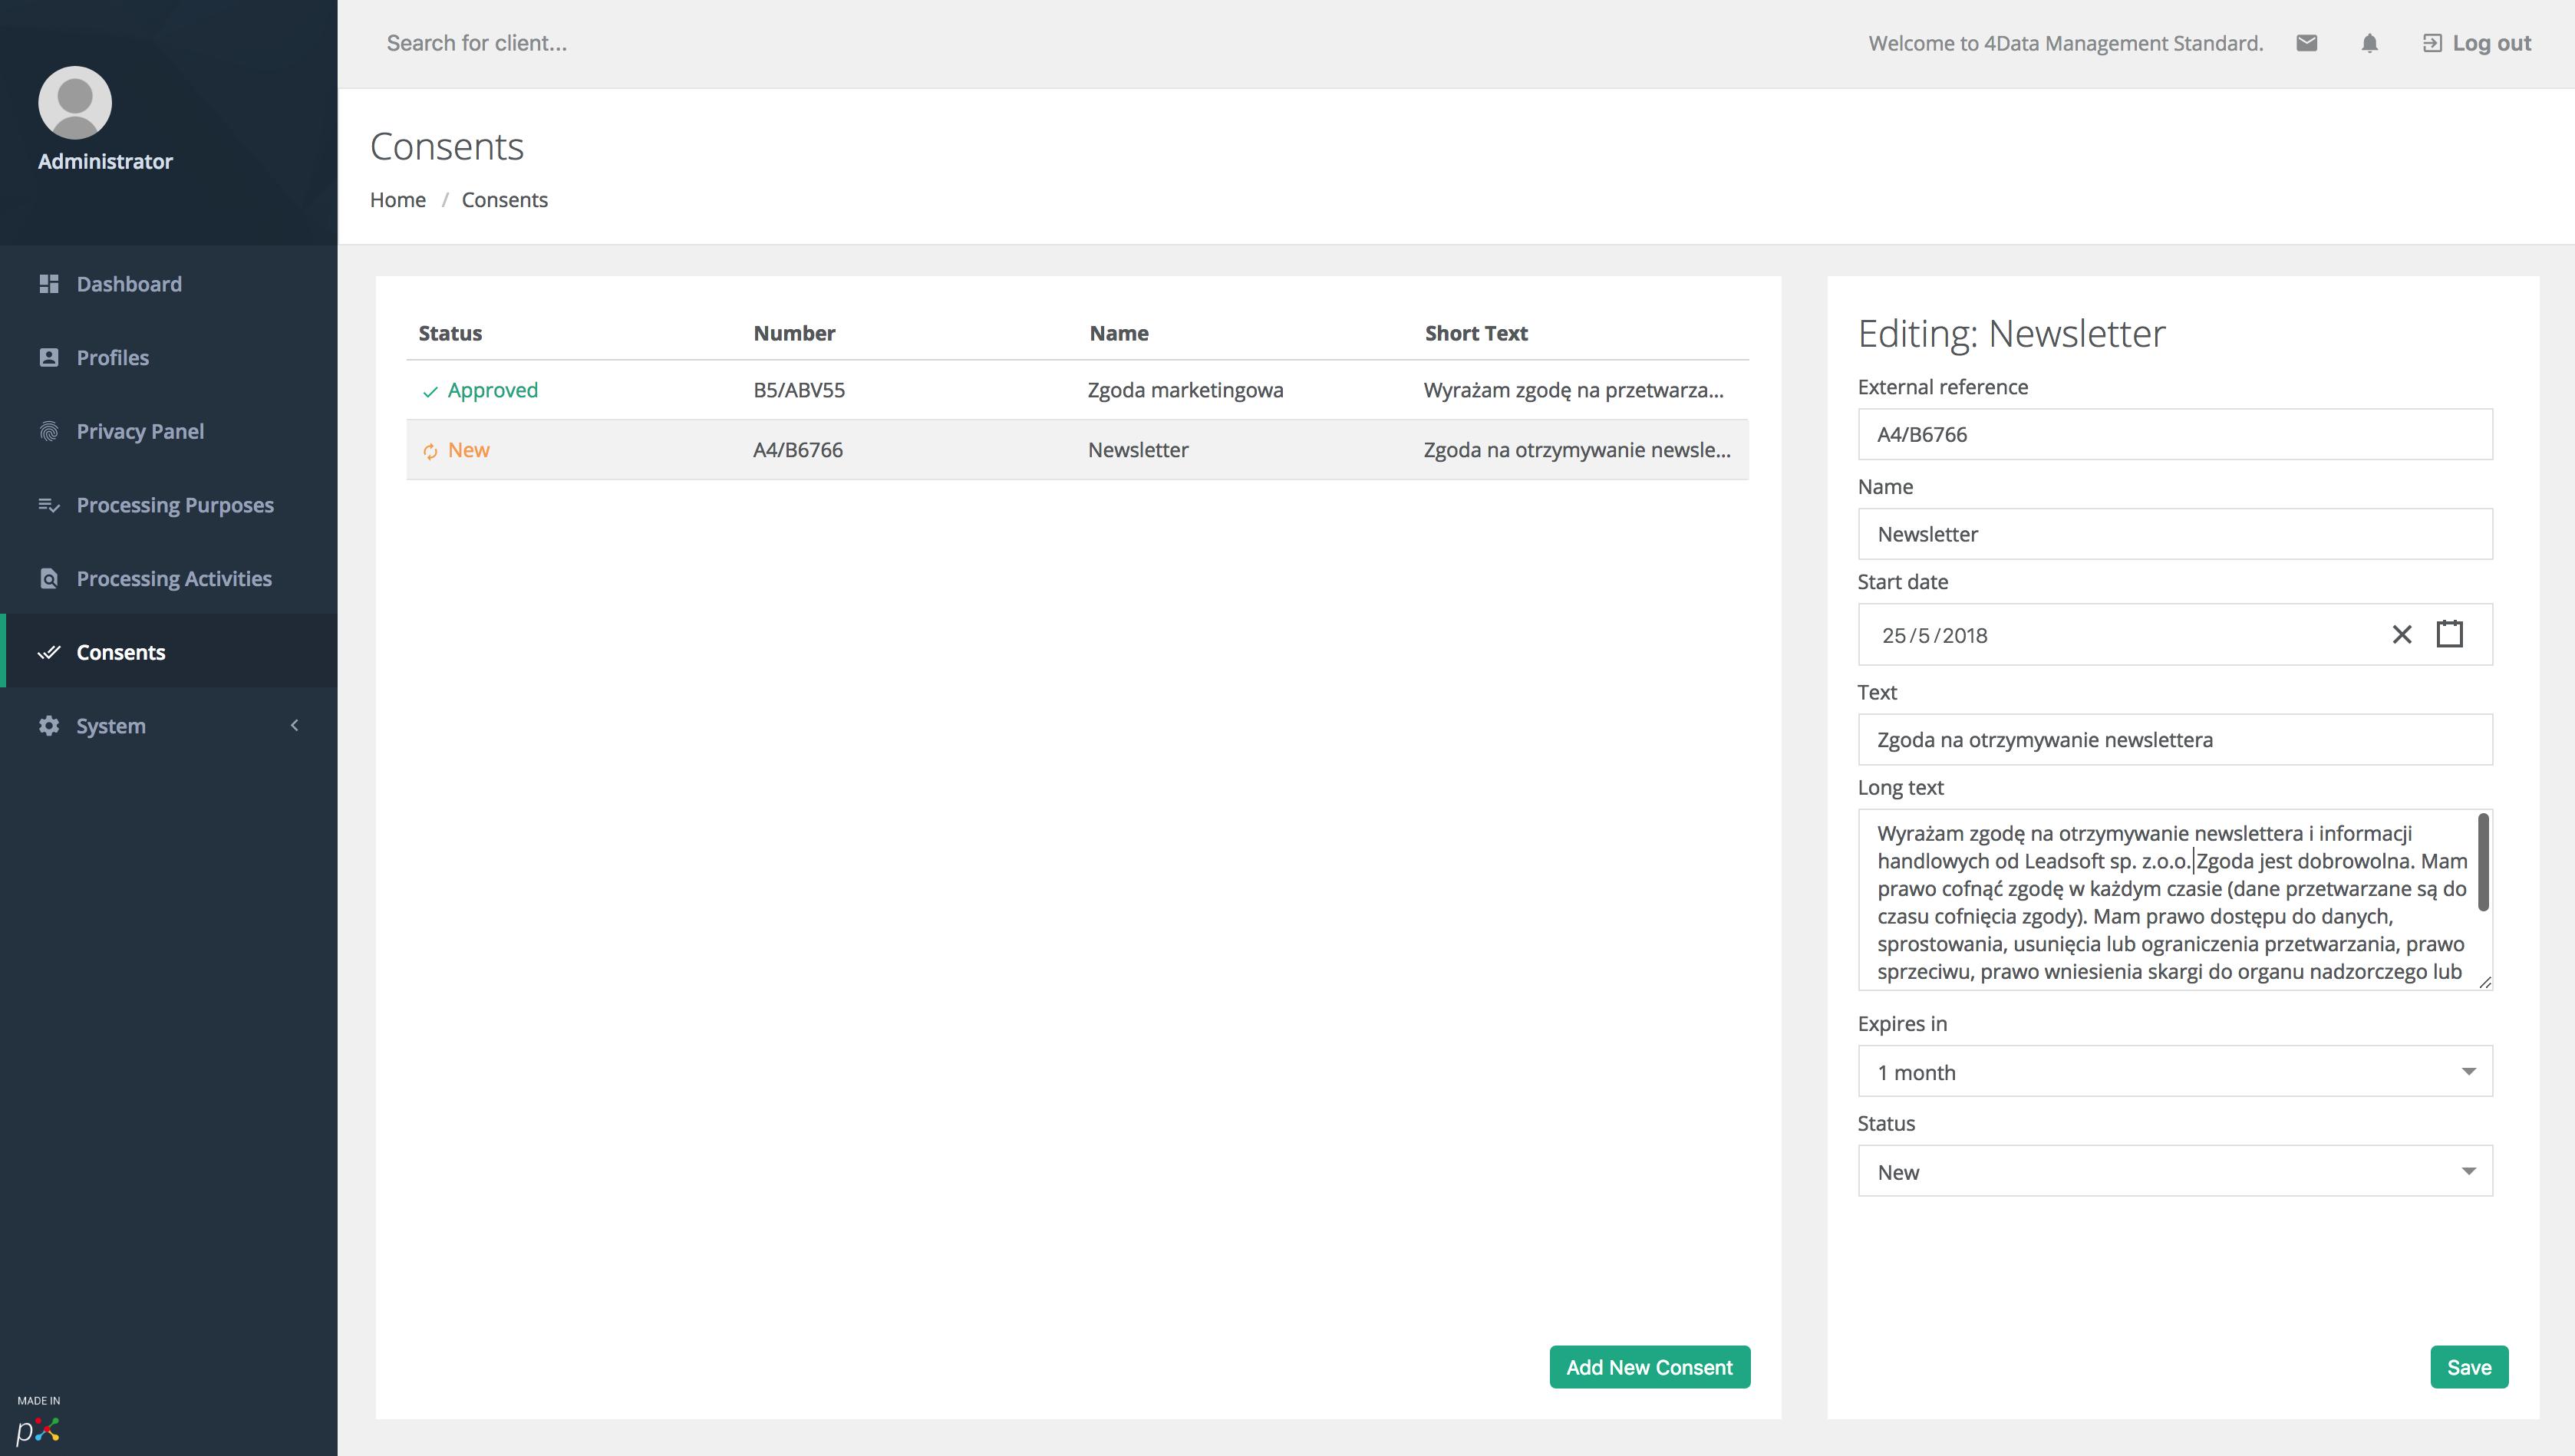 zarządzanie zgodami na przetwarzanie danych osobowych 4Data Management